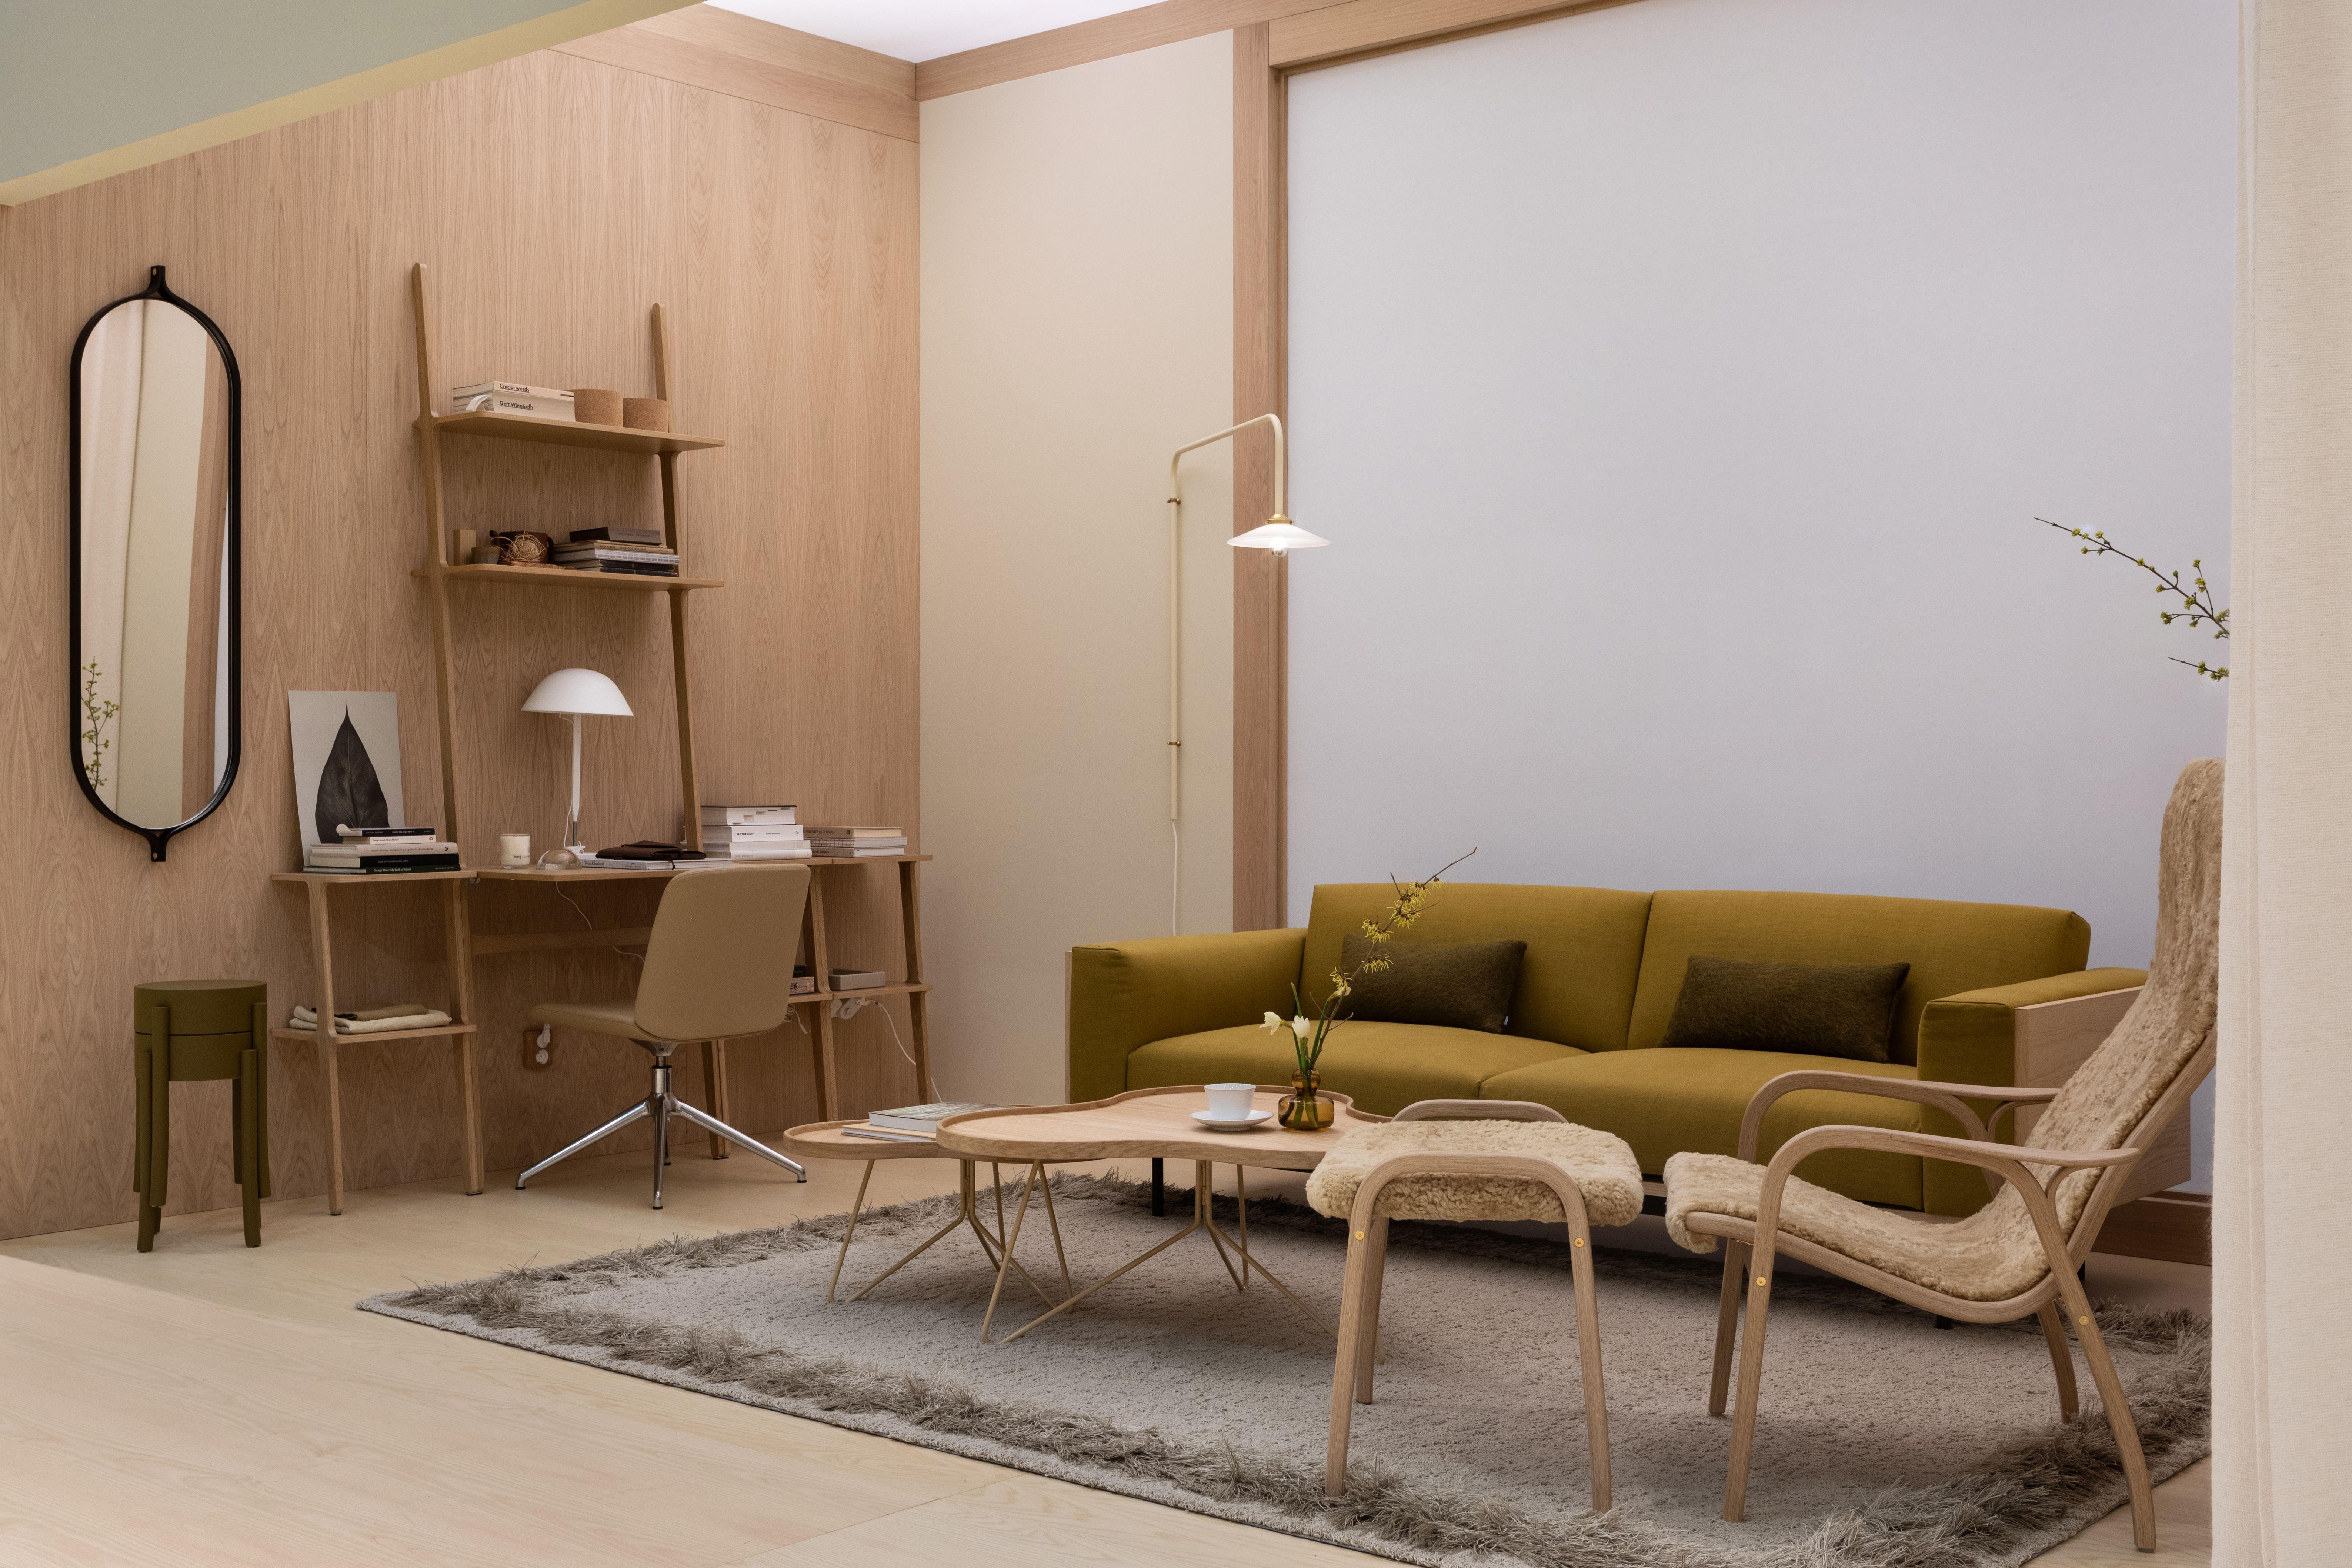 Libri Desk Design Michael Bihain In 2020 Furniture Home Decor